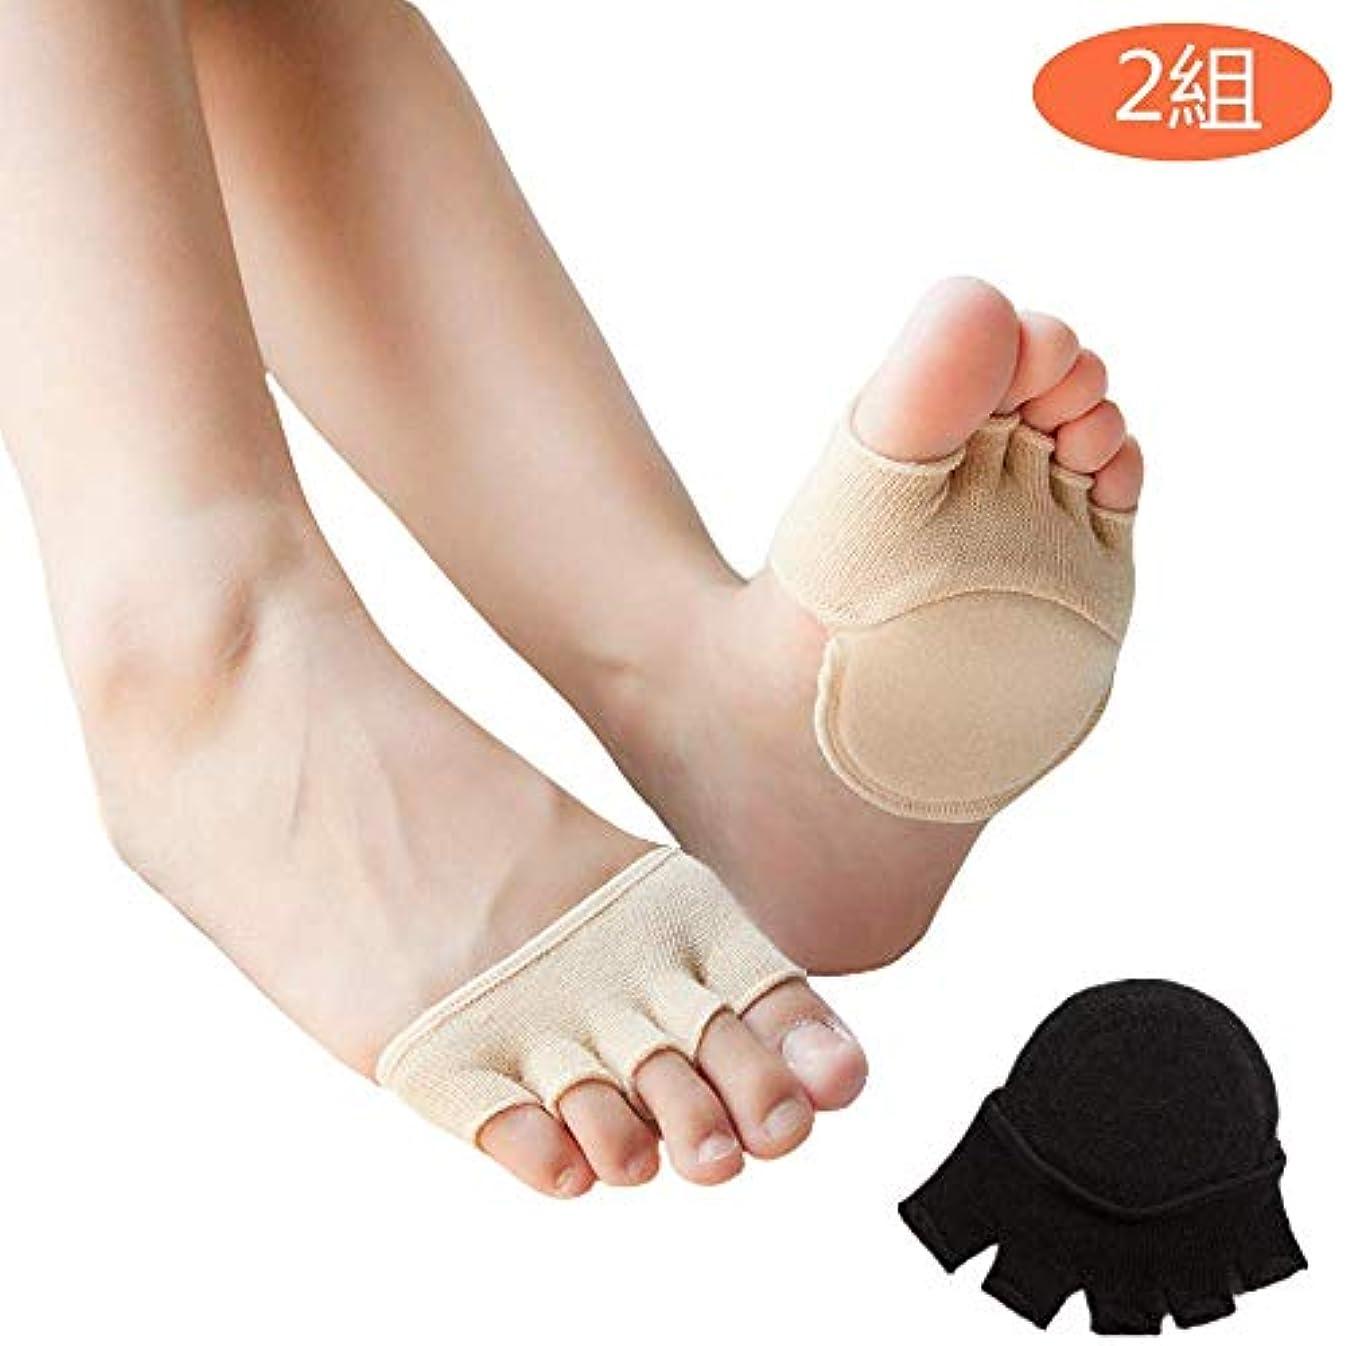 誓約インスタント多様なつま先 5本指 足底クッション付き 前足サポーター 足の臭い対策 フットカバー ヨガ用靴下 浅い靴下半分つま先 夏 超薄型 (2組)